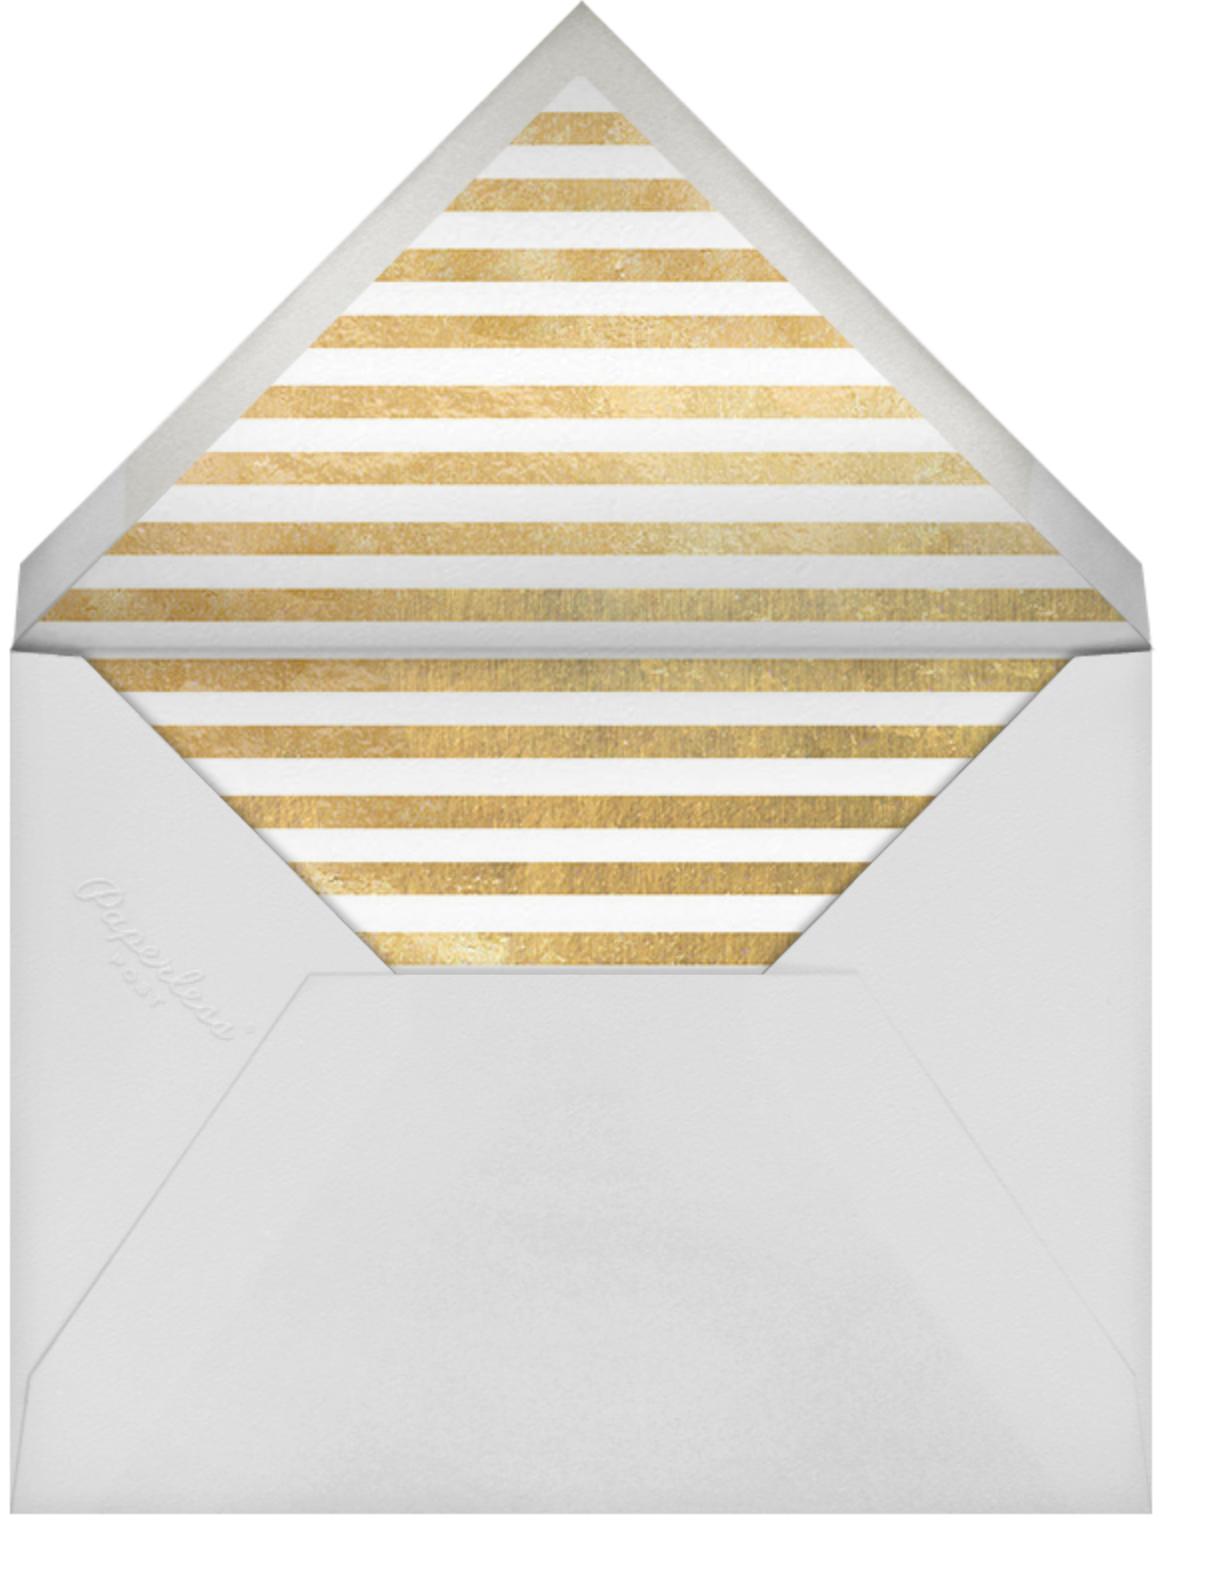 Eat Cake for Breakfast (Square) - Gold - kate spade new york - Birthday - envelope back